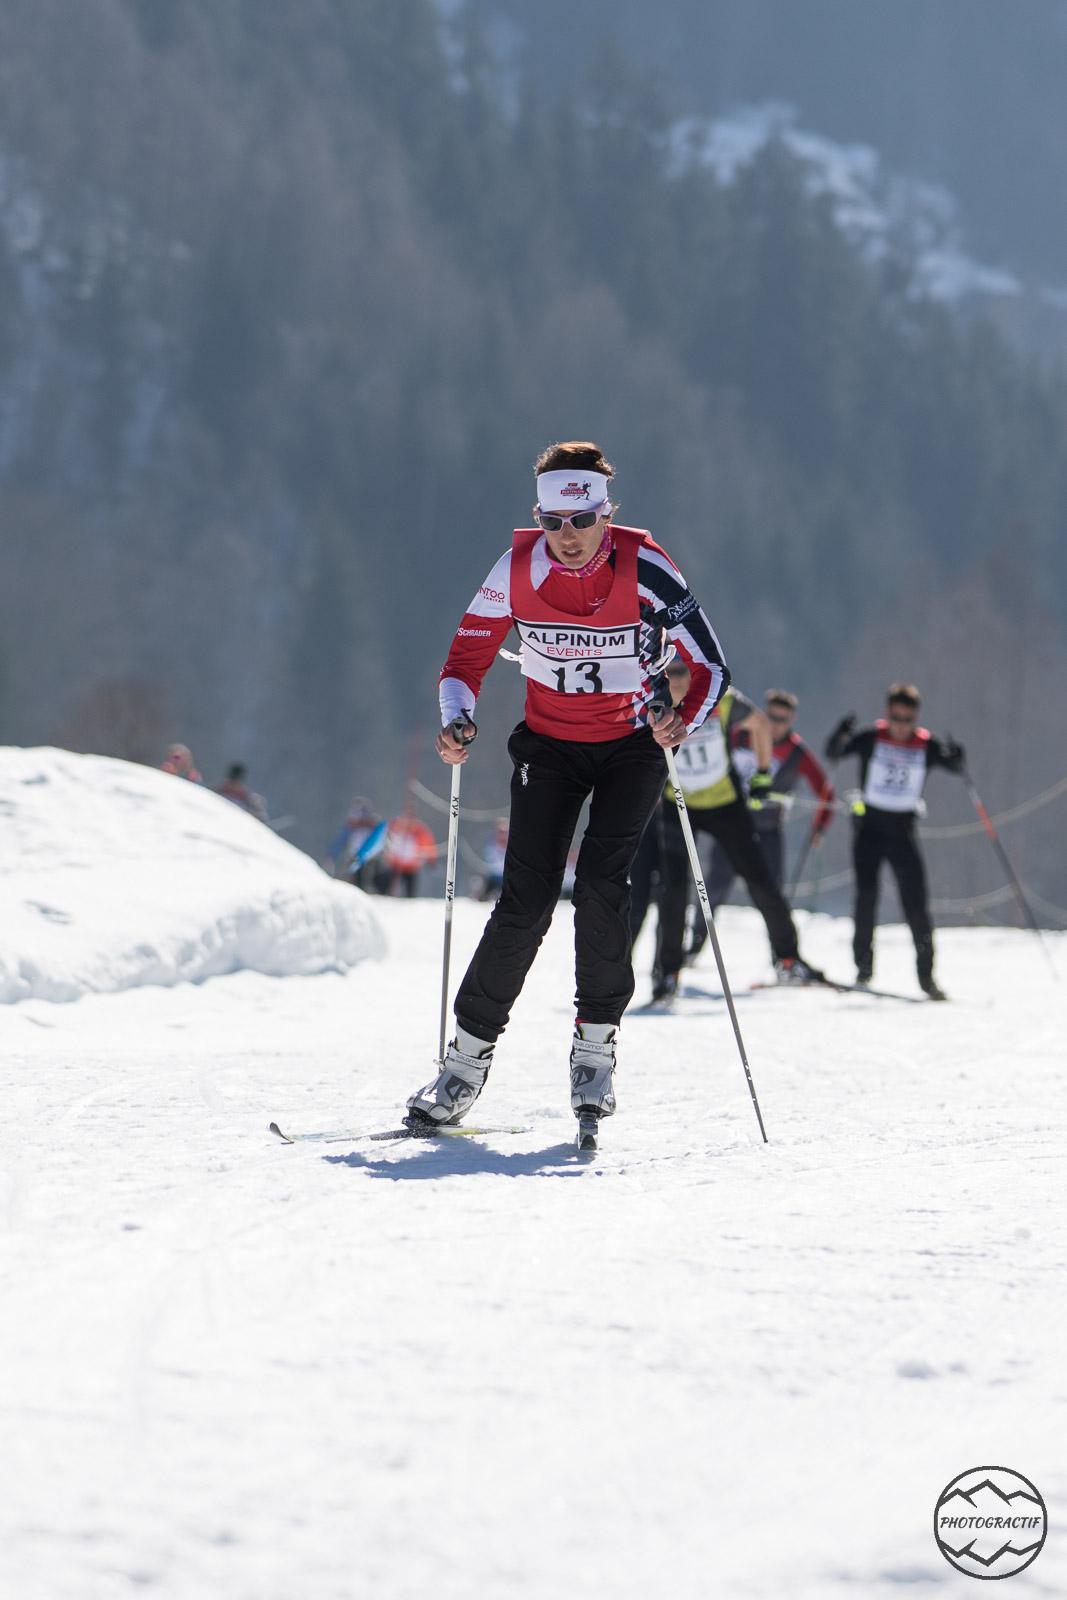 Biathlon Alpinum Les Contamines 2019 (8)